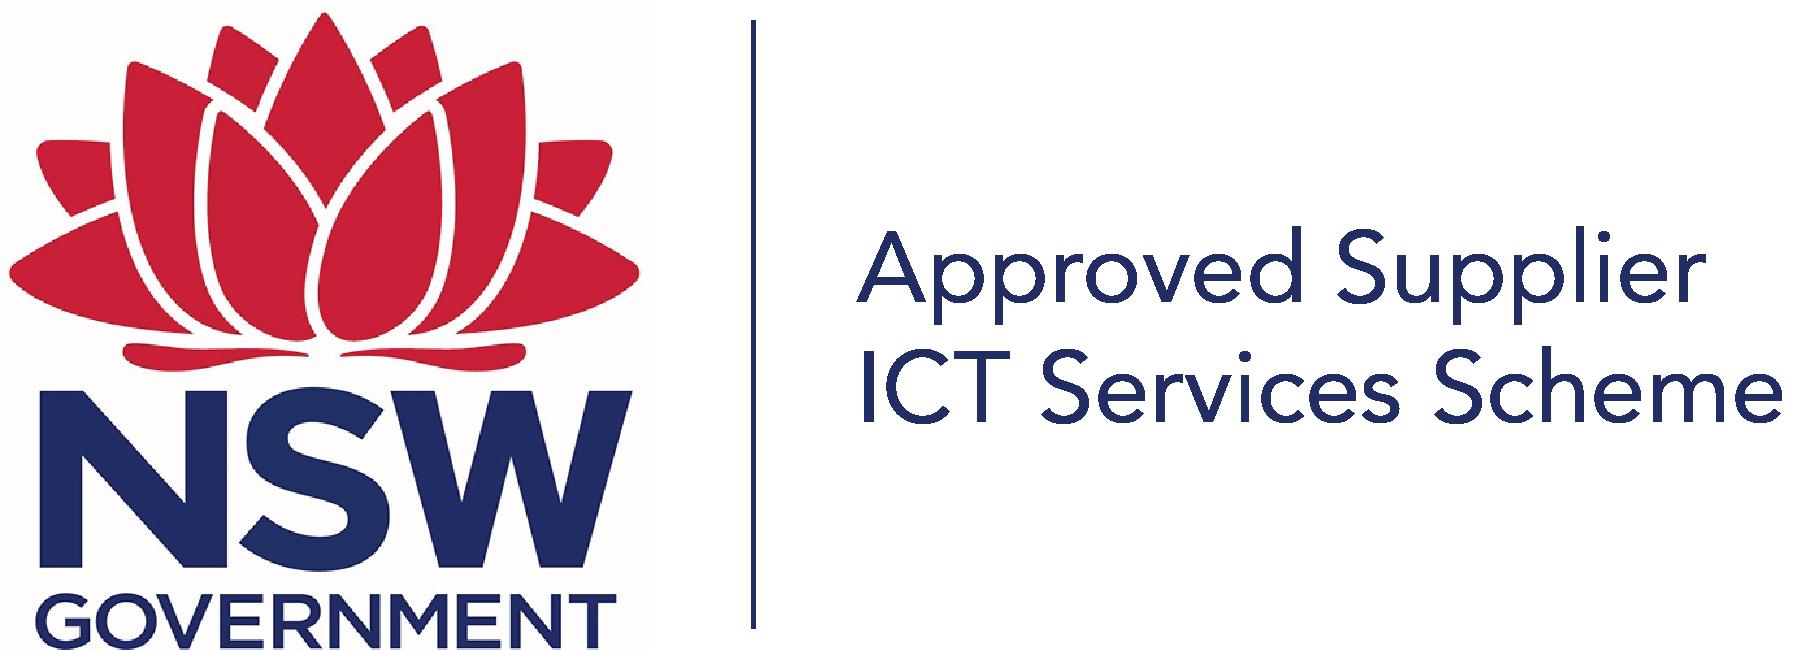 nsw govt ict services scheme